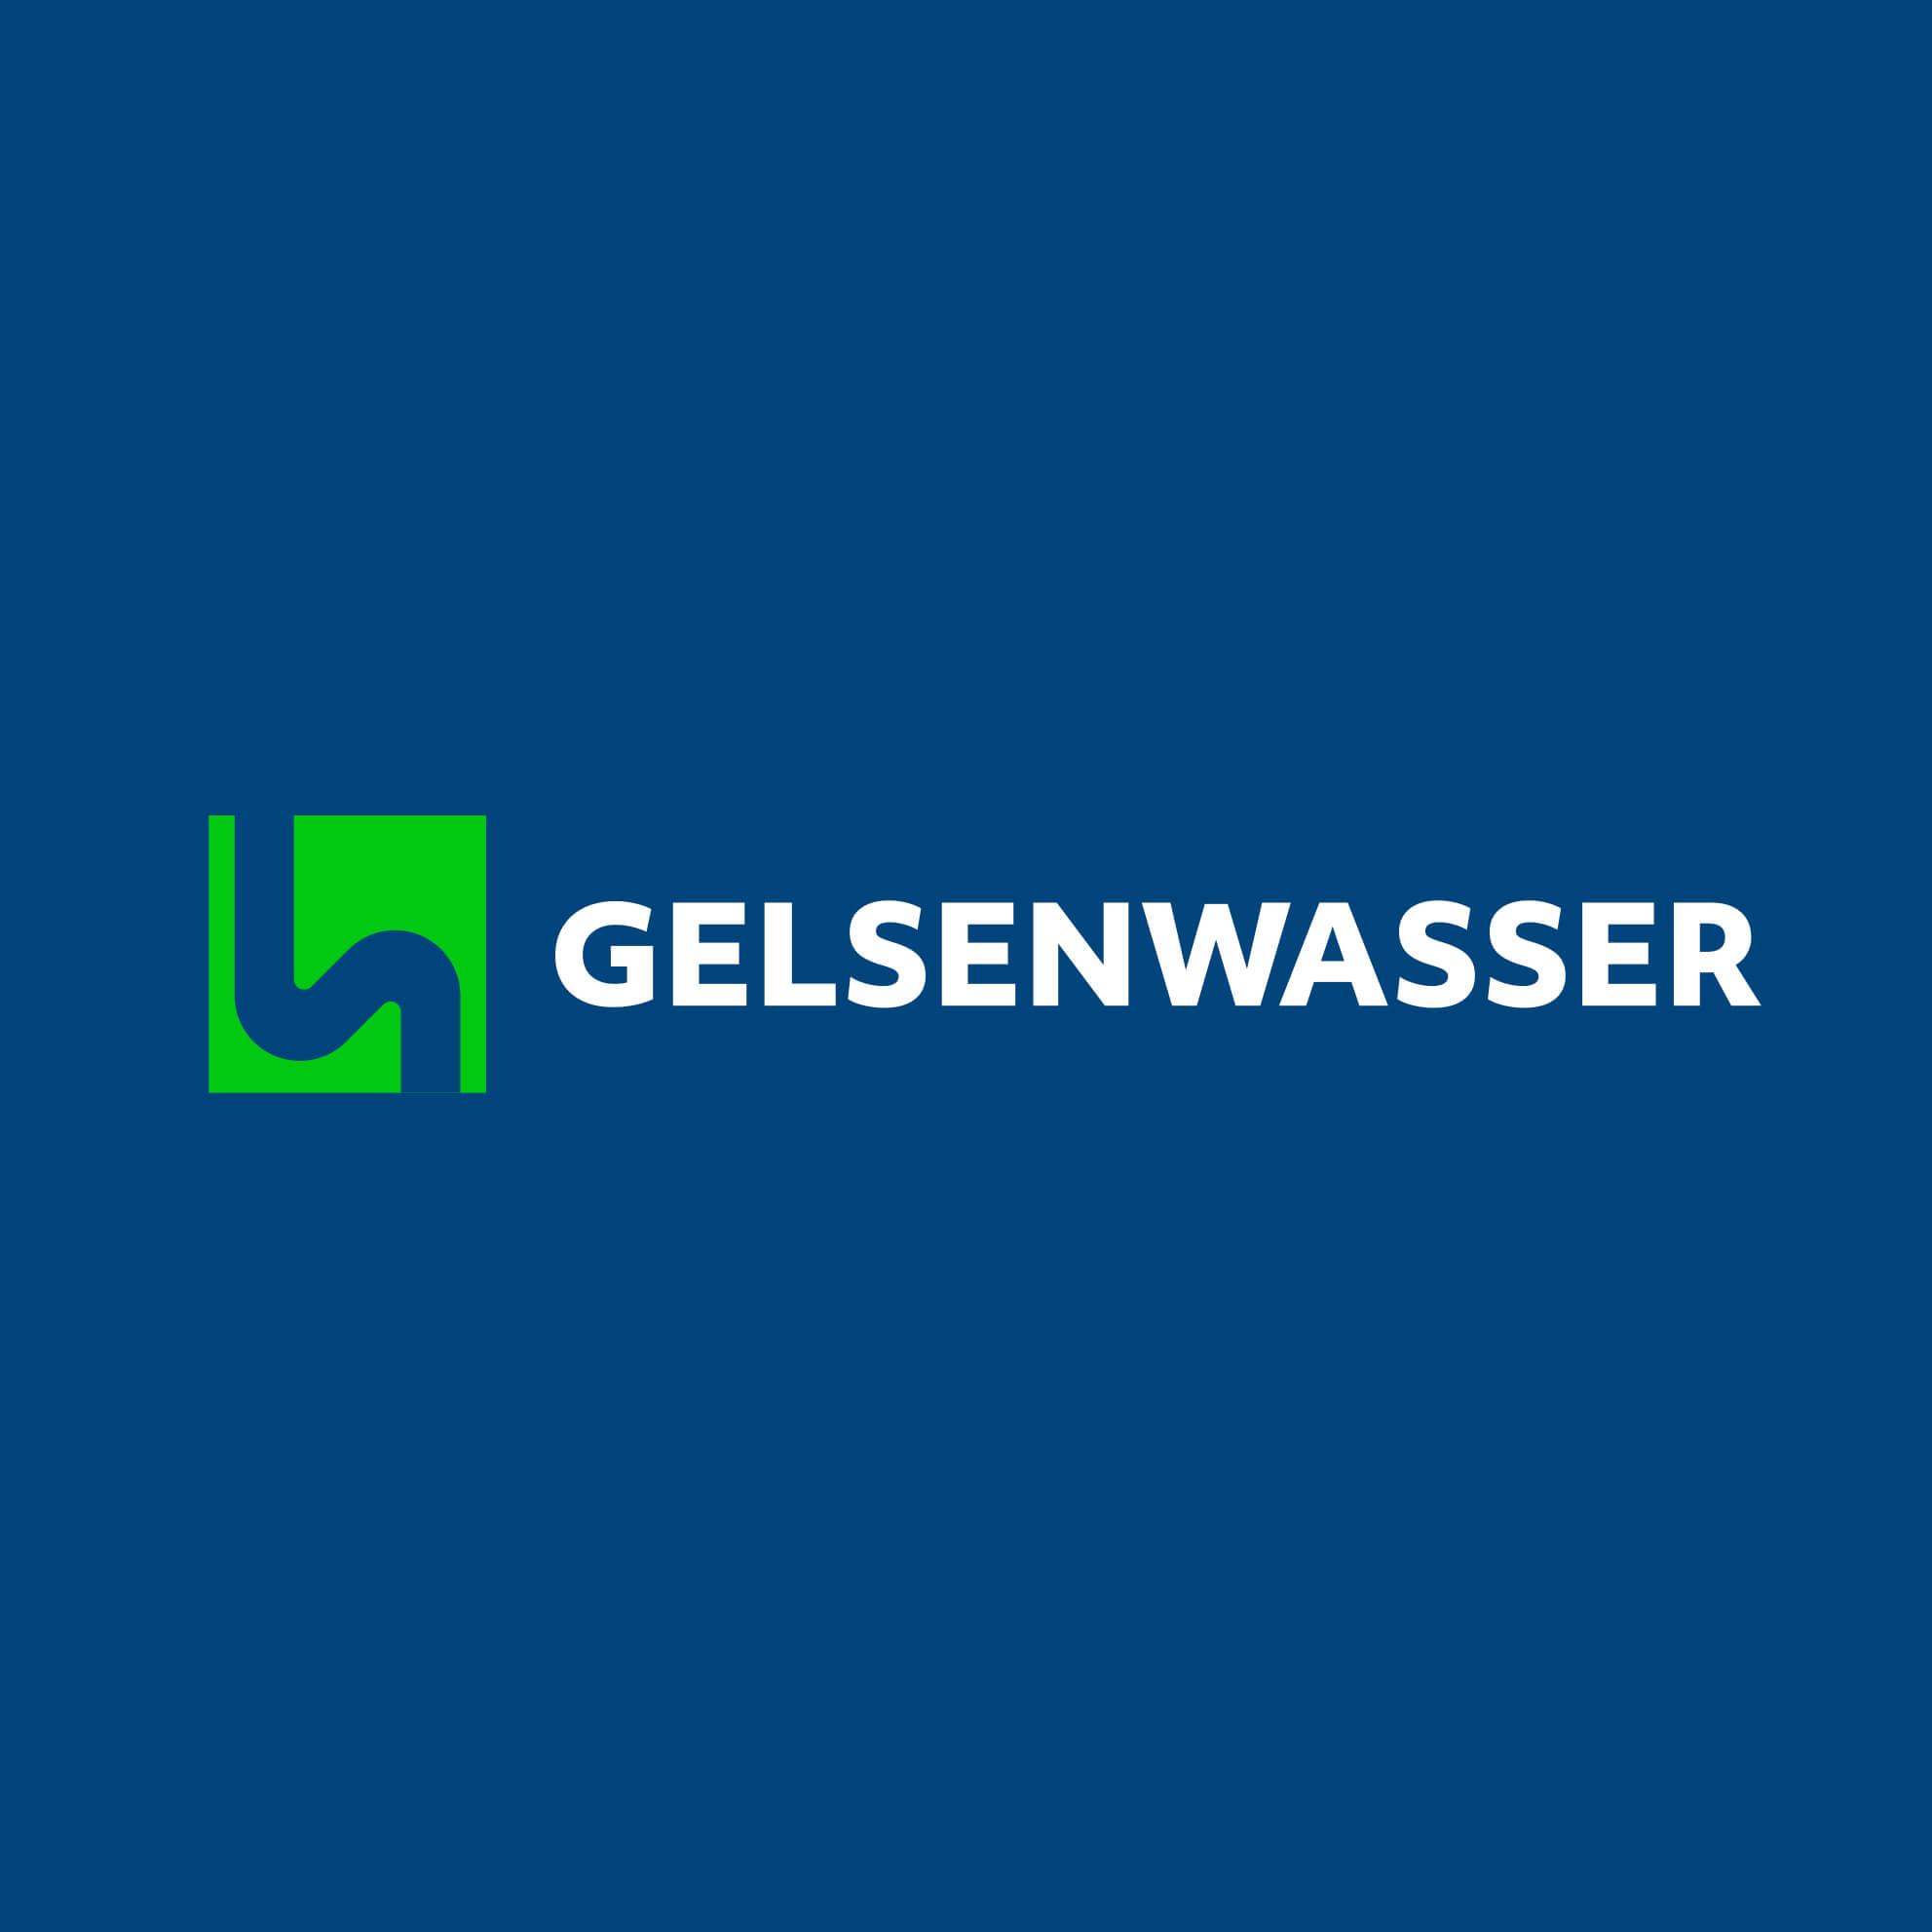 Neues Logo der GELSENWASSER AG